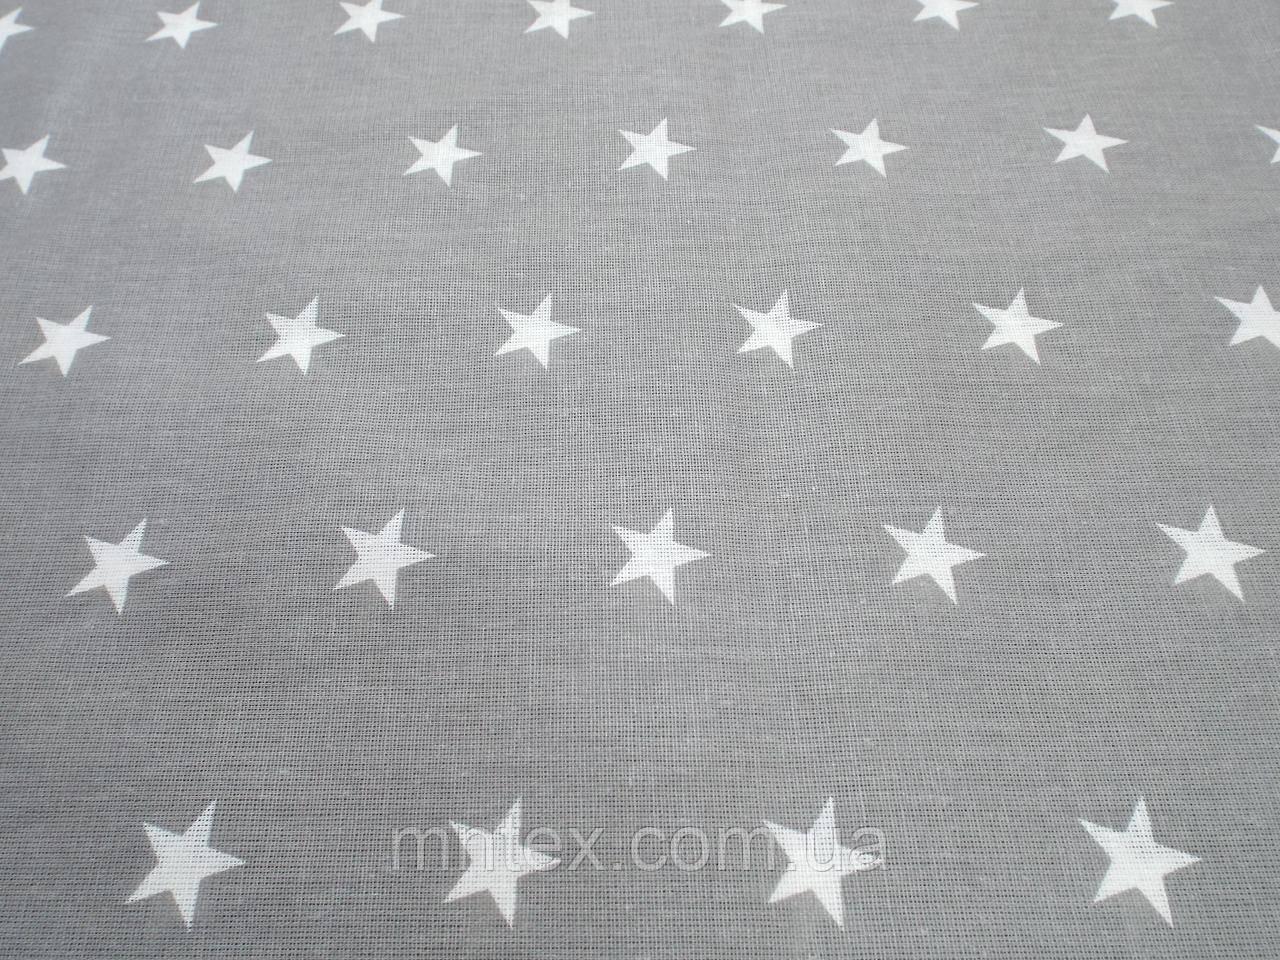 Ткань для пошива постельного белья ранфорс Пакистан, Звезды на сером